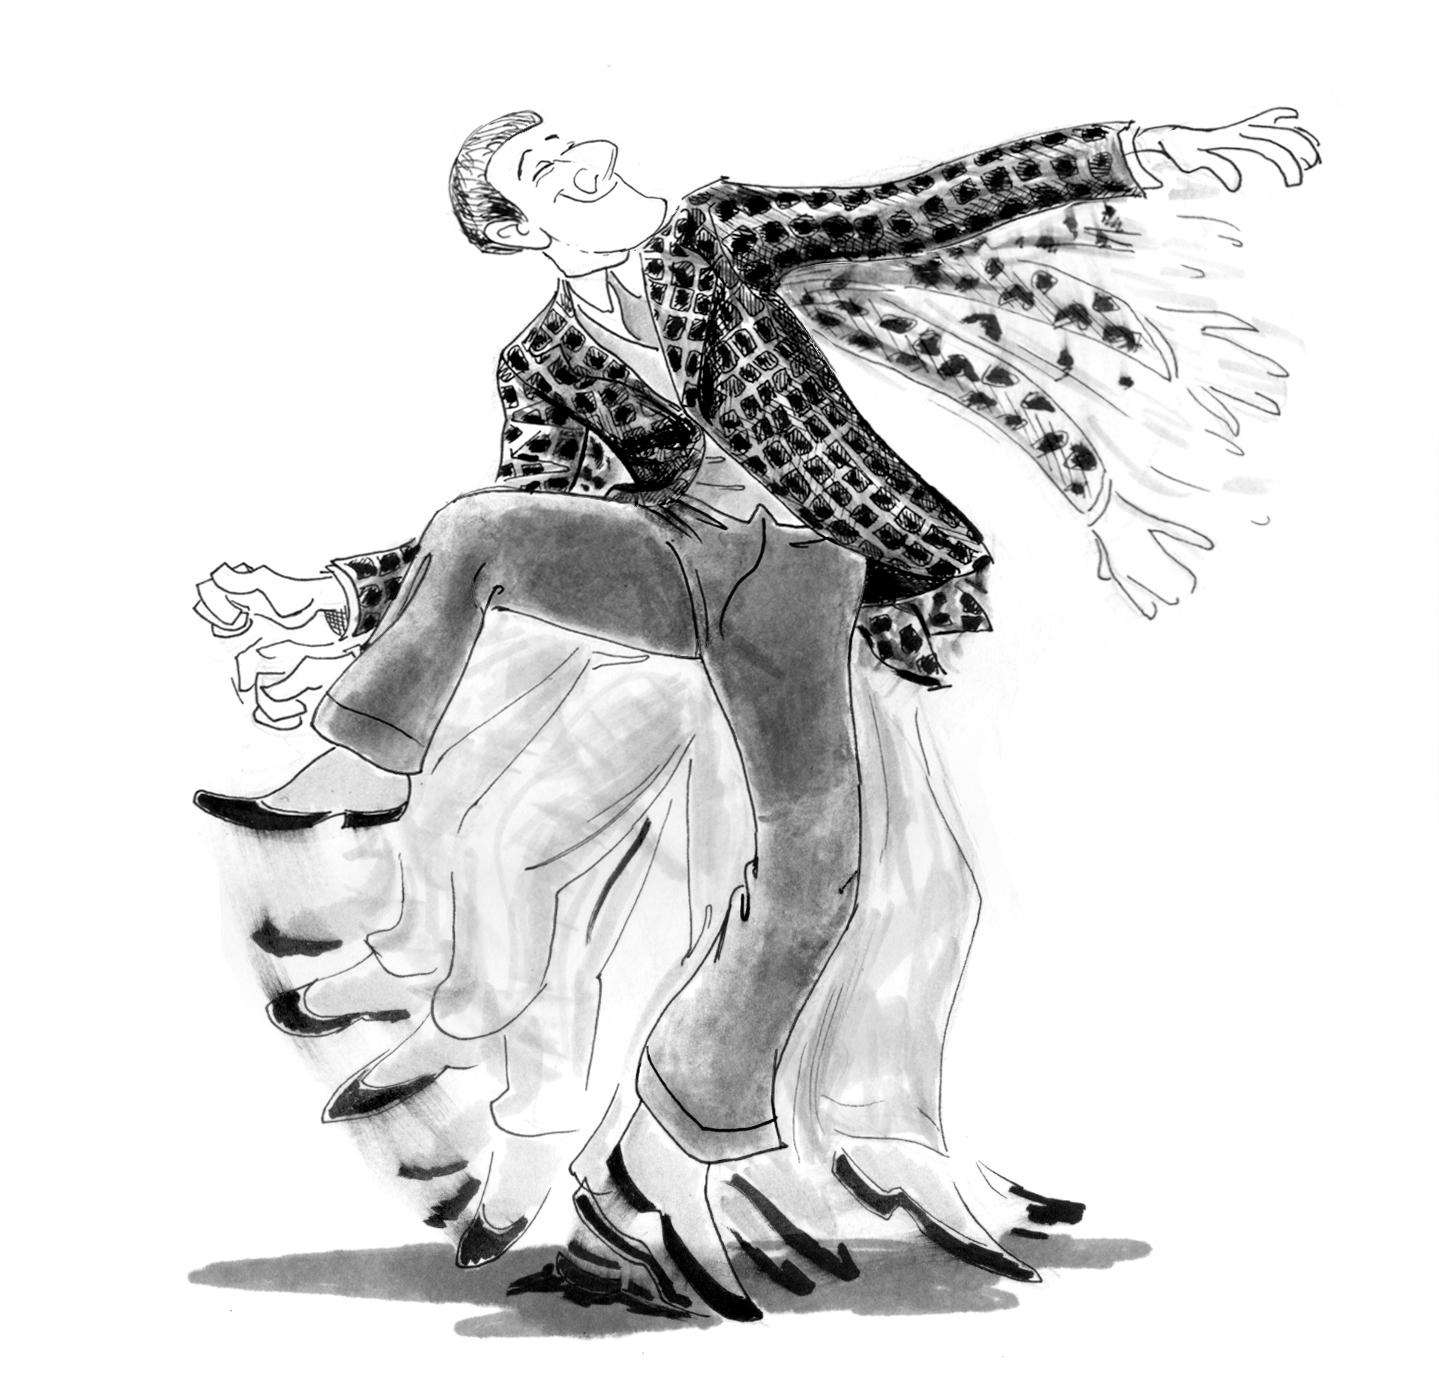 raybolger